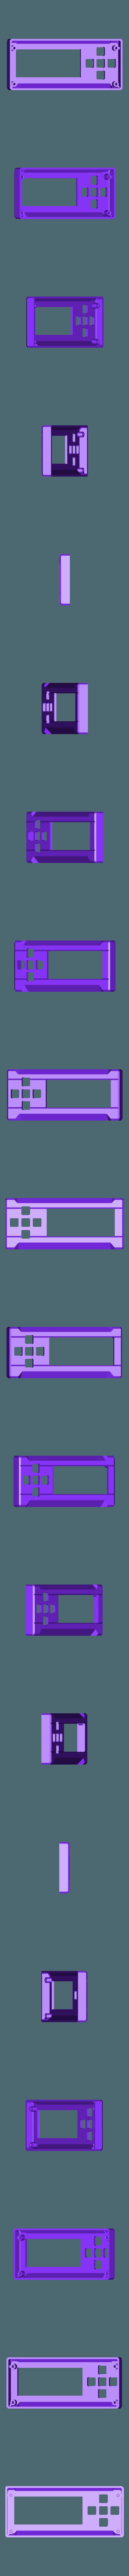 Anet_8_LCD_Case.stl Télécharger fichier STL gratuit Boîtier LCD AM8 Anet • Design à imprimer en 3D, Slava_Z